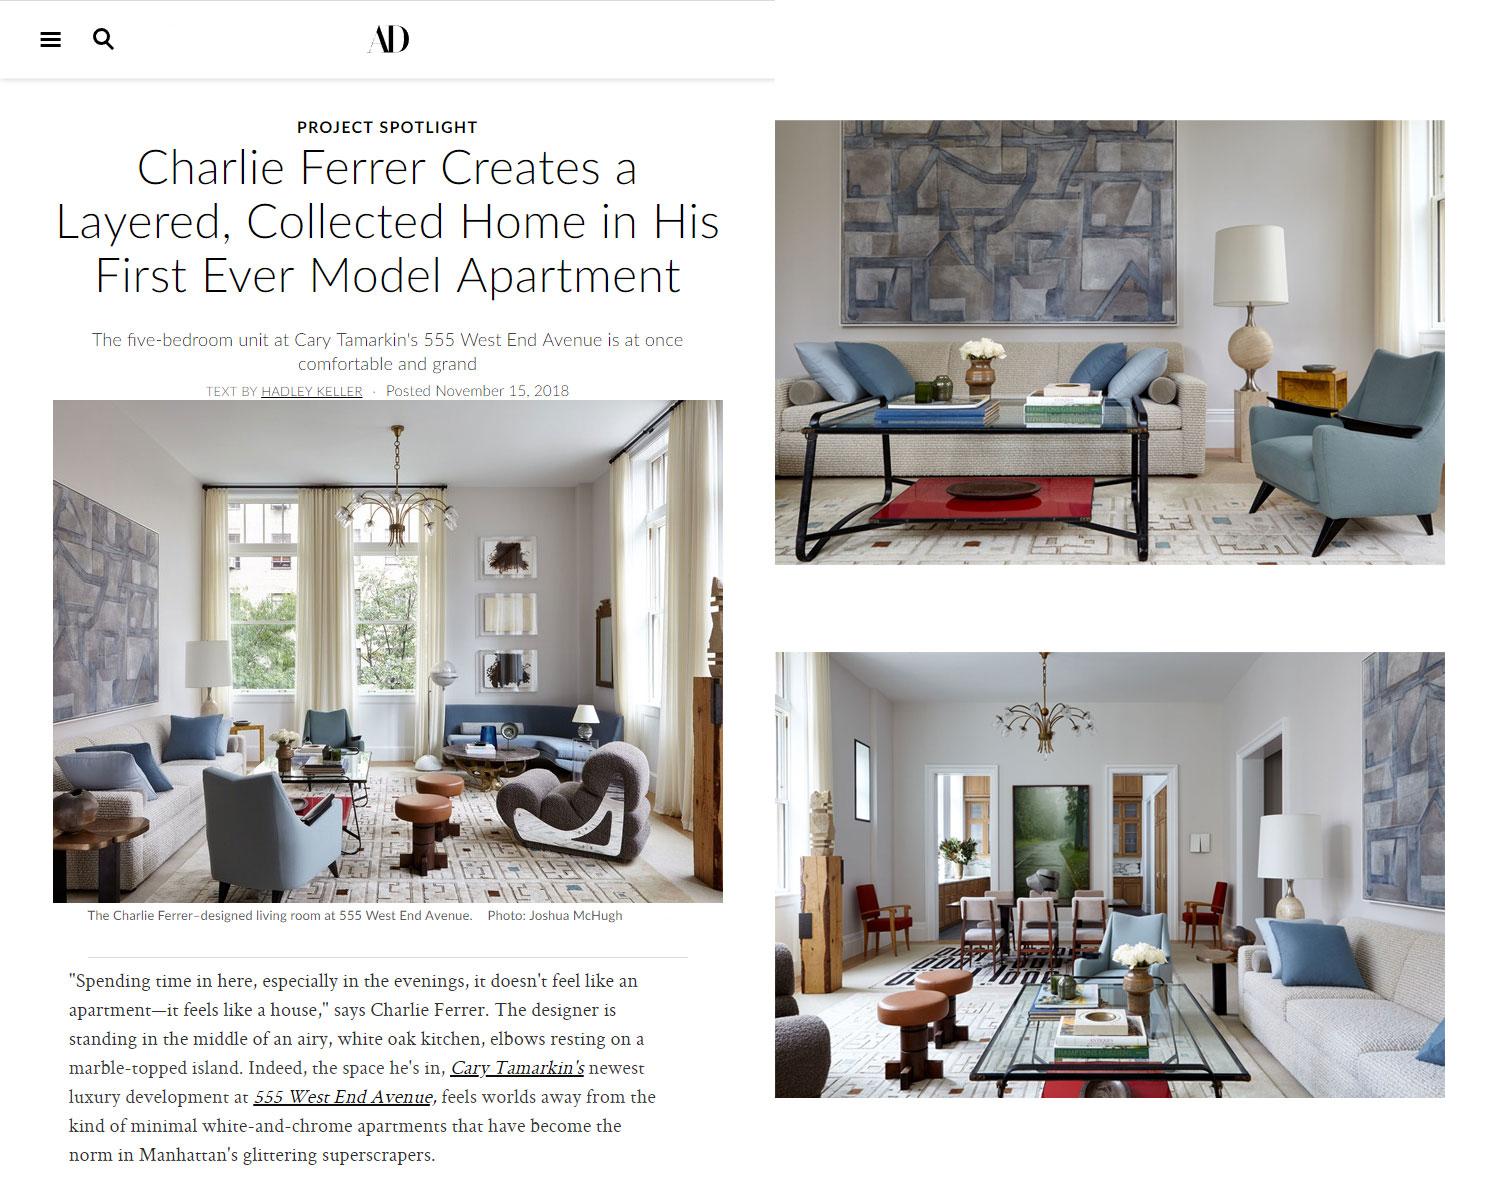 Marco Lorenzetto - Architectural Digest Online - Nov 2018 1.jpg